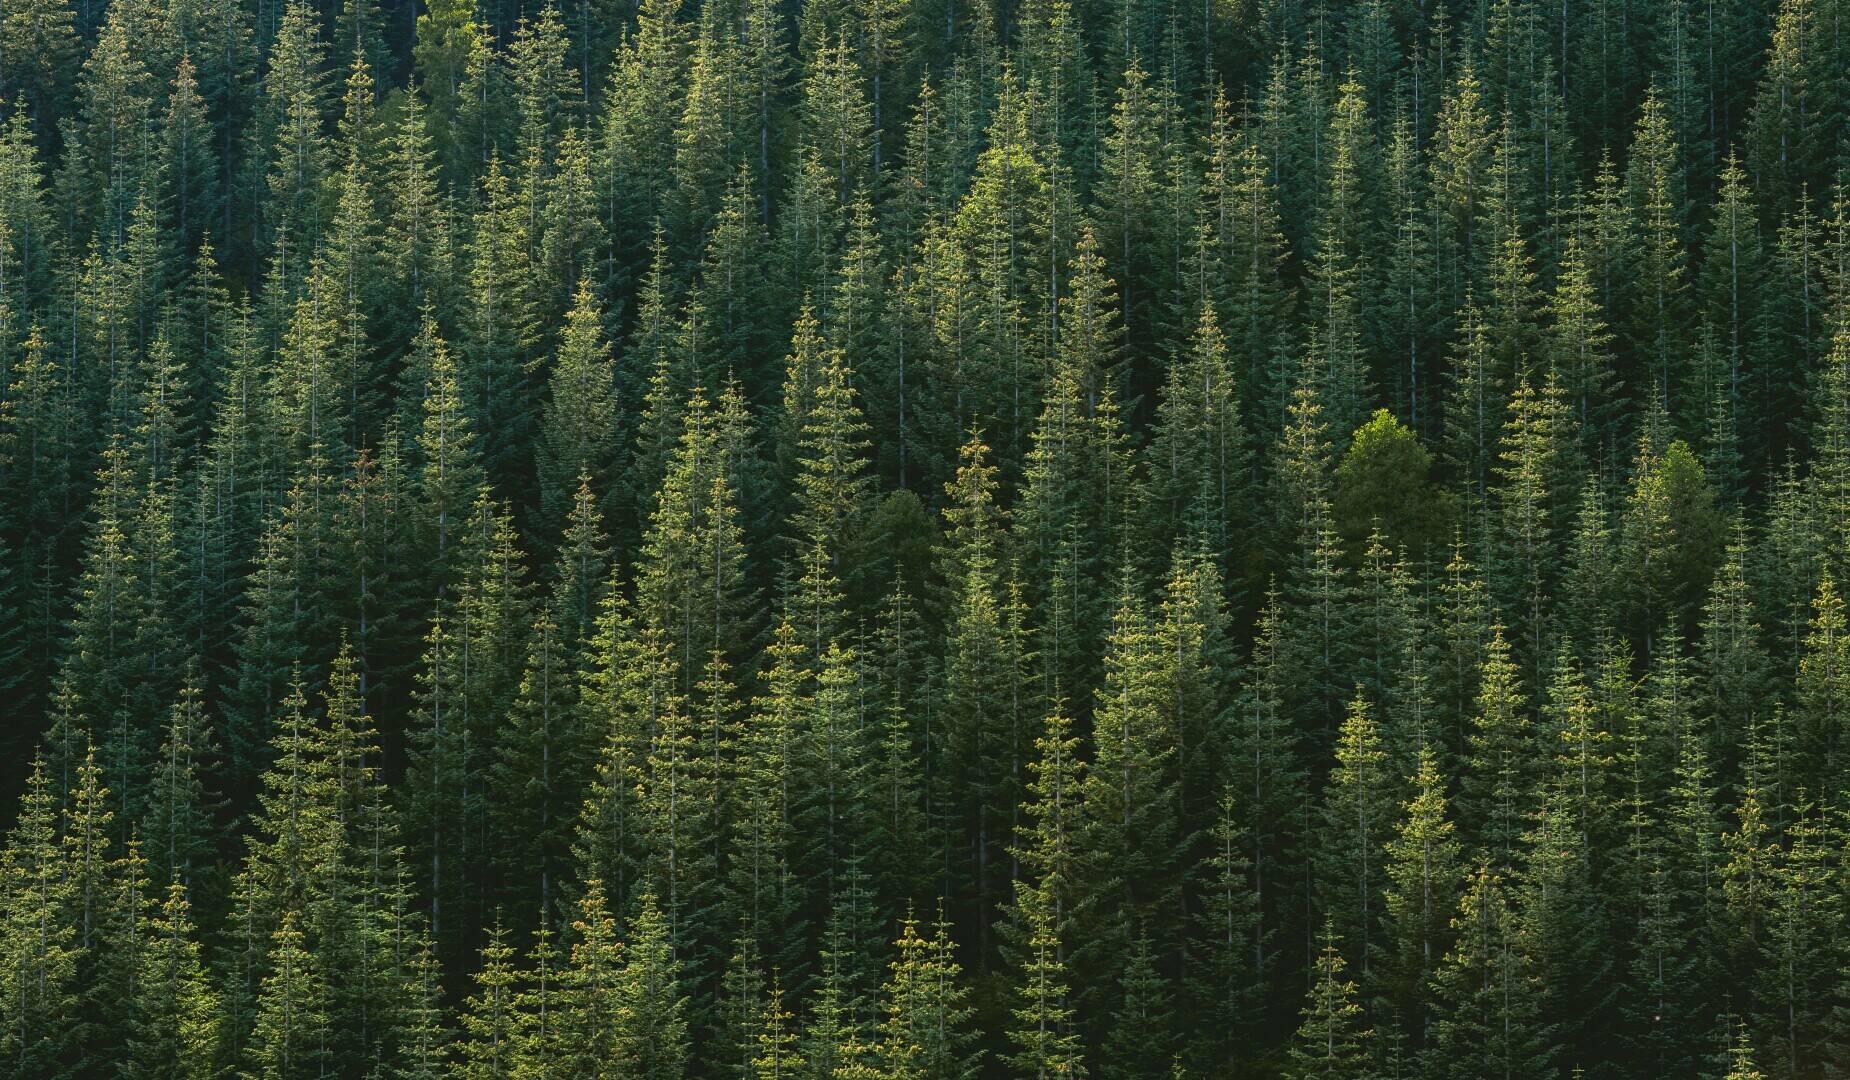 tree-nature-backgroundjason-leem.jpg